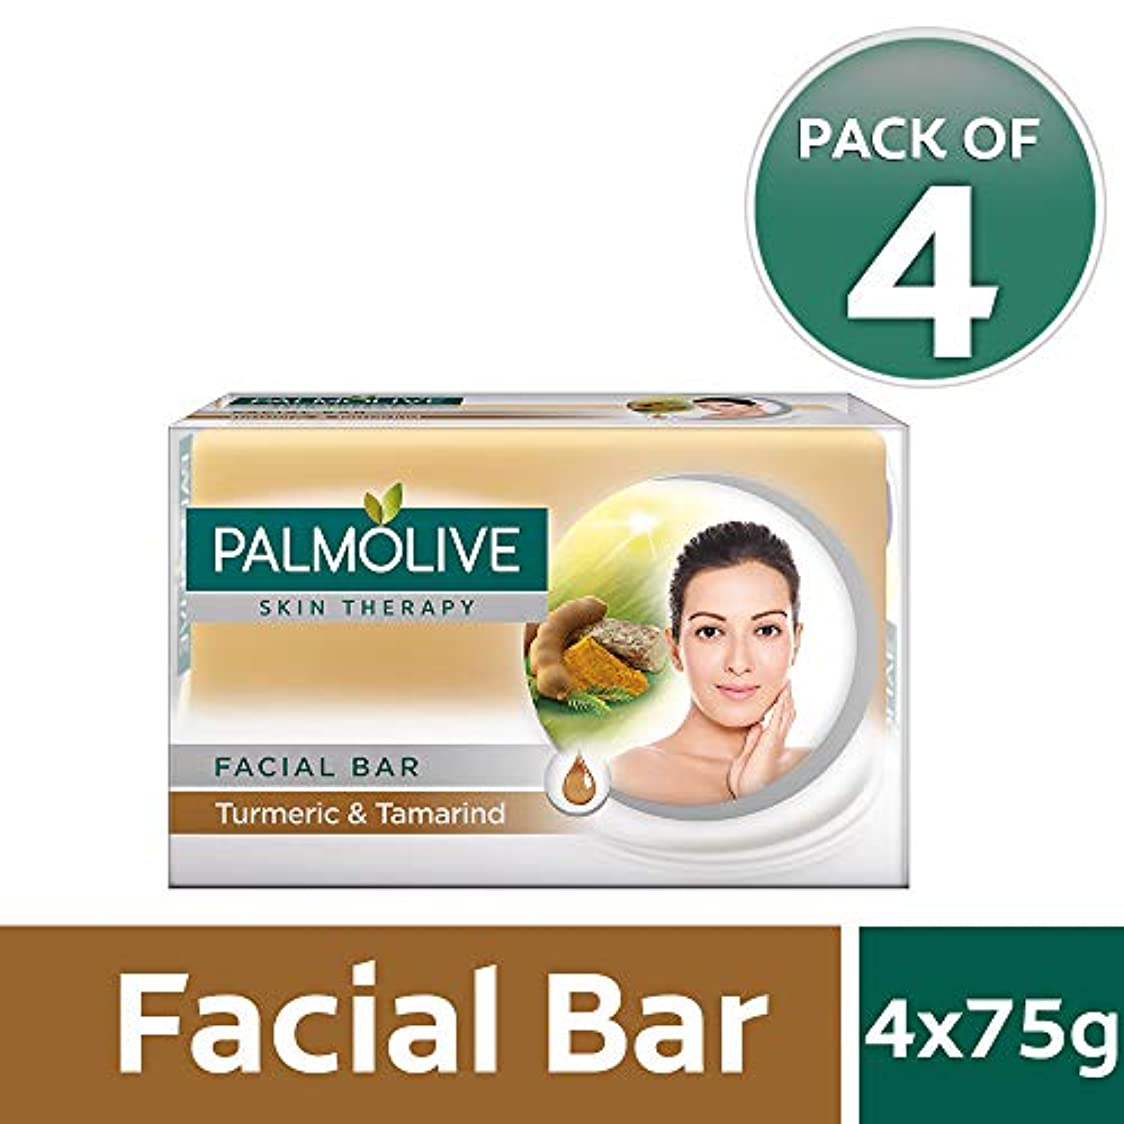 猫背カスケード試験Palmolive Skin Therapy Facial Bar Soap with Turmeric and Tamarind - 75g (Pack of 4)